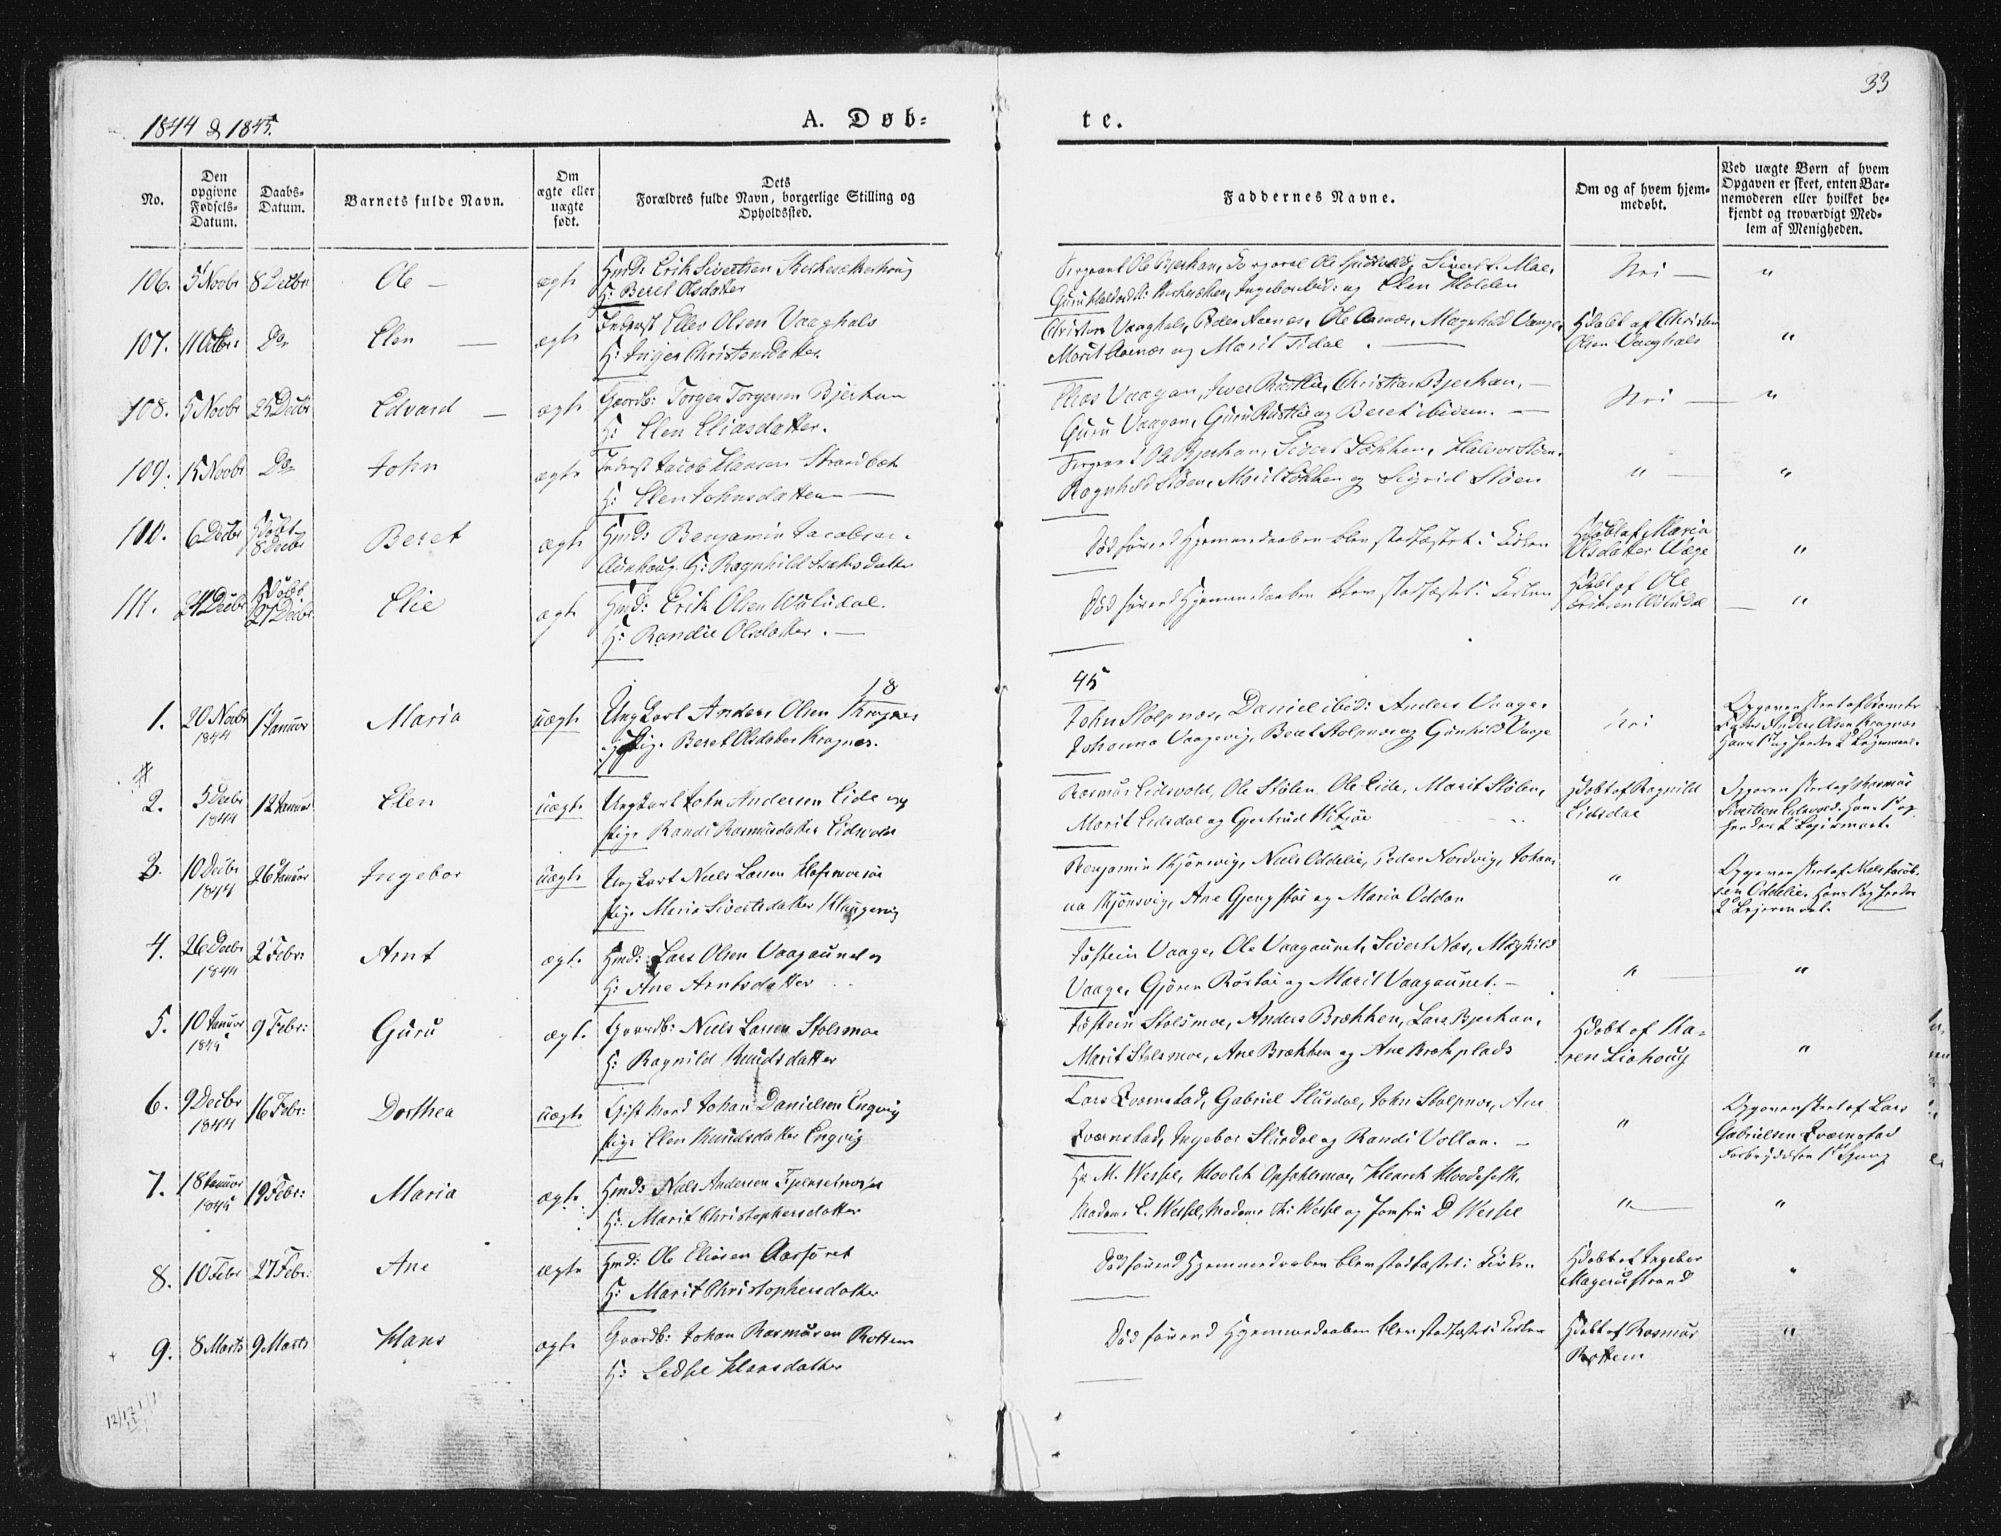 SAT, Ministerialprotokoller, klokkerbøker og fødselsregistre - Sør-Trøndelag, 630/L0493: Ministerialbok nr. 630A06, 1841-1851, s. 33